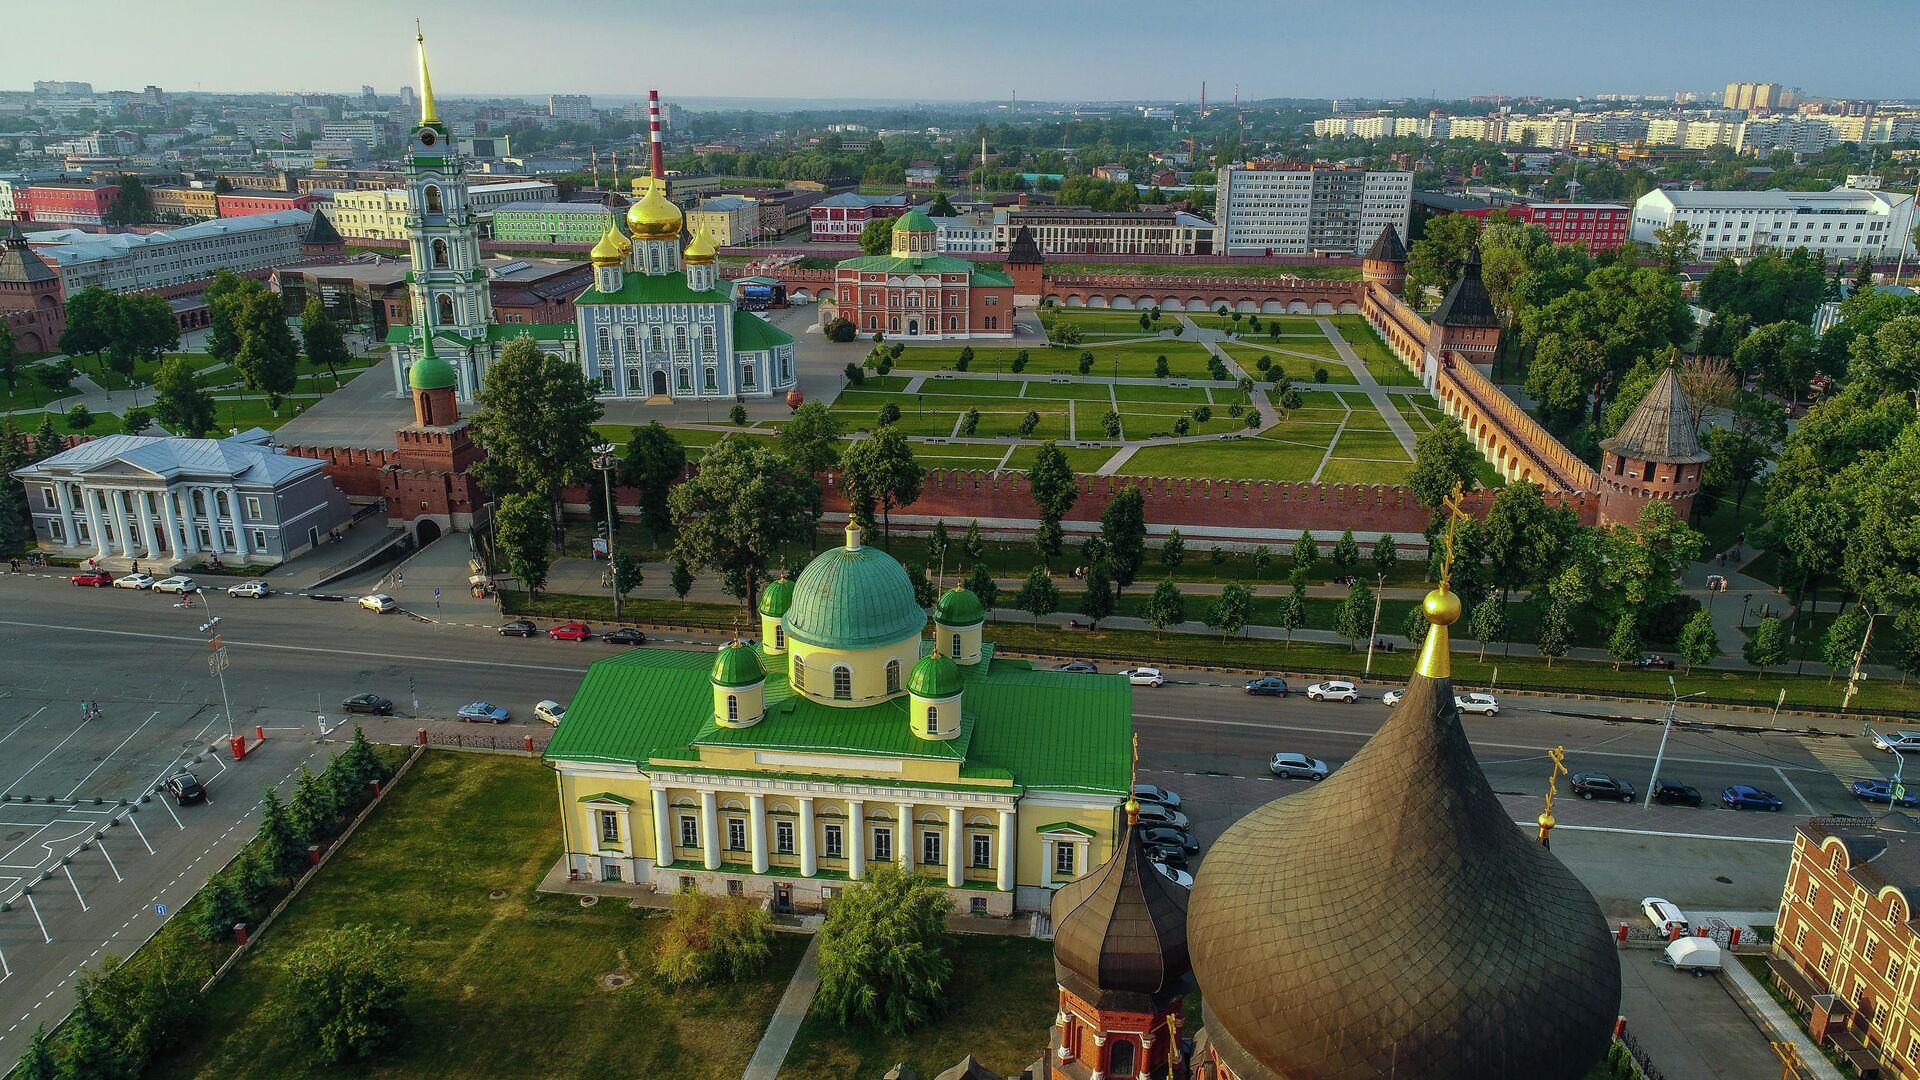 Тульский кремль - РИА Новости, 1920, 05.08.2021